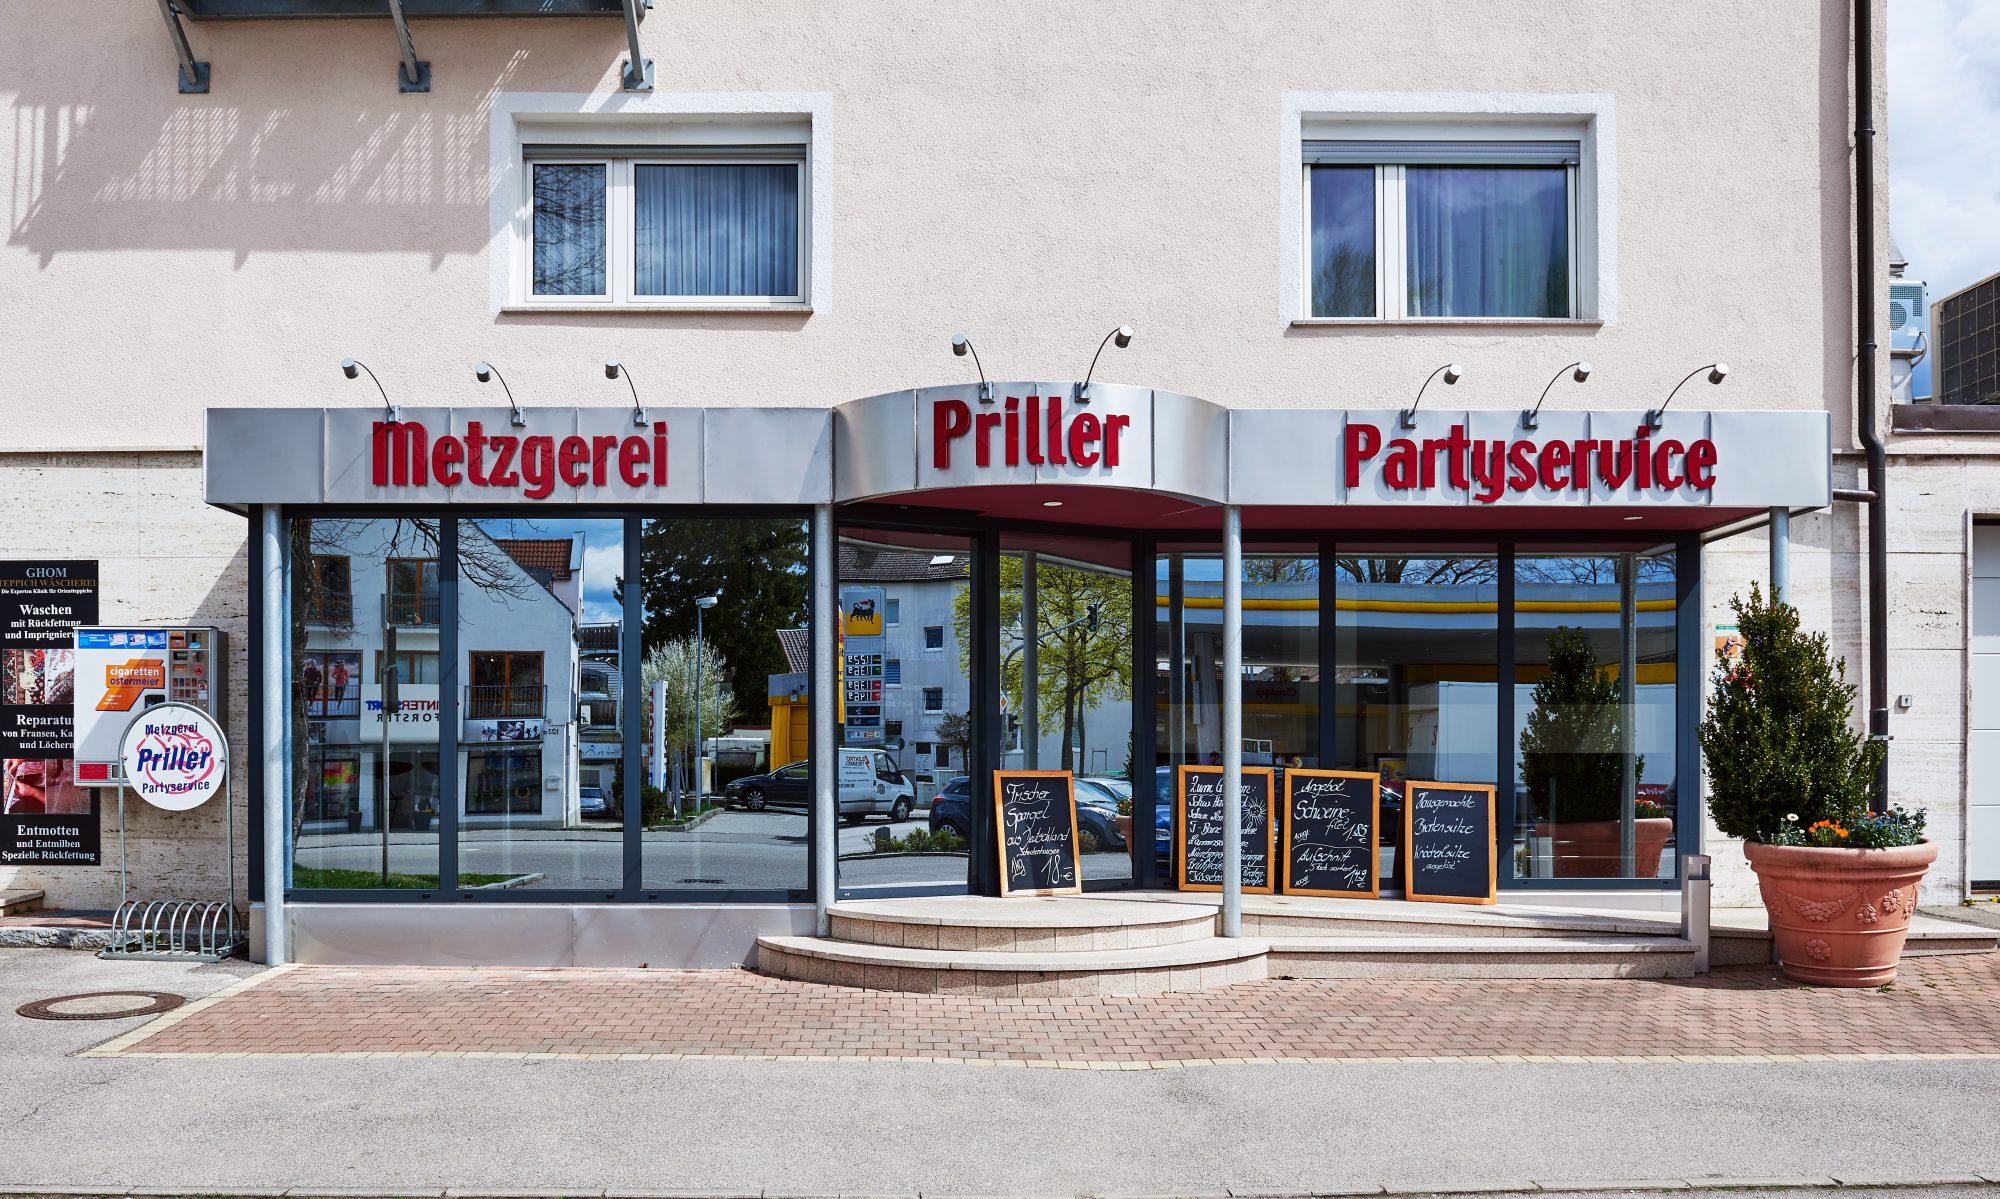 Metzgerei Priller in Unterhaching